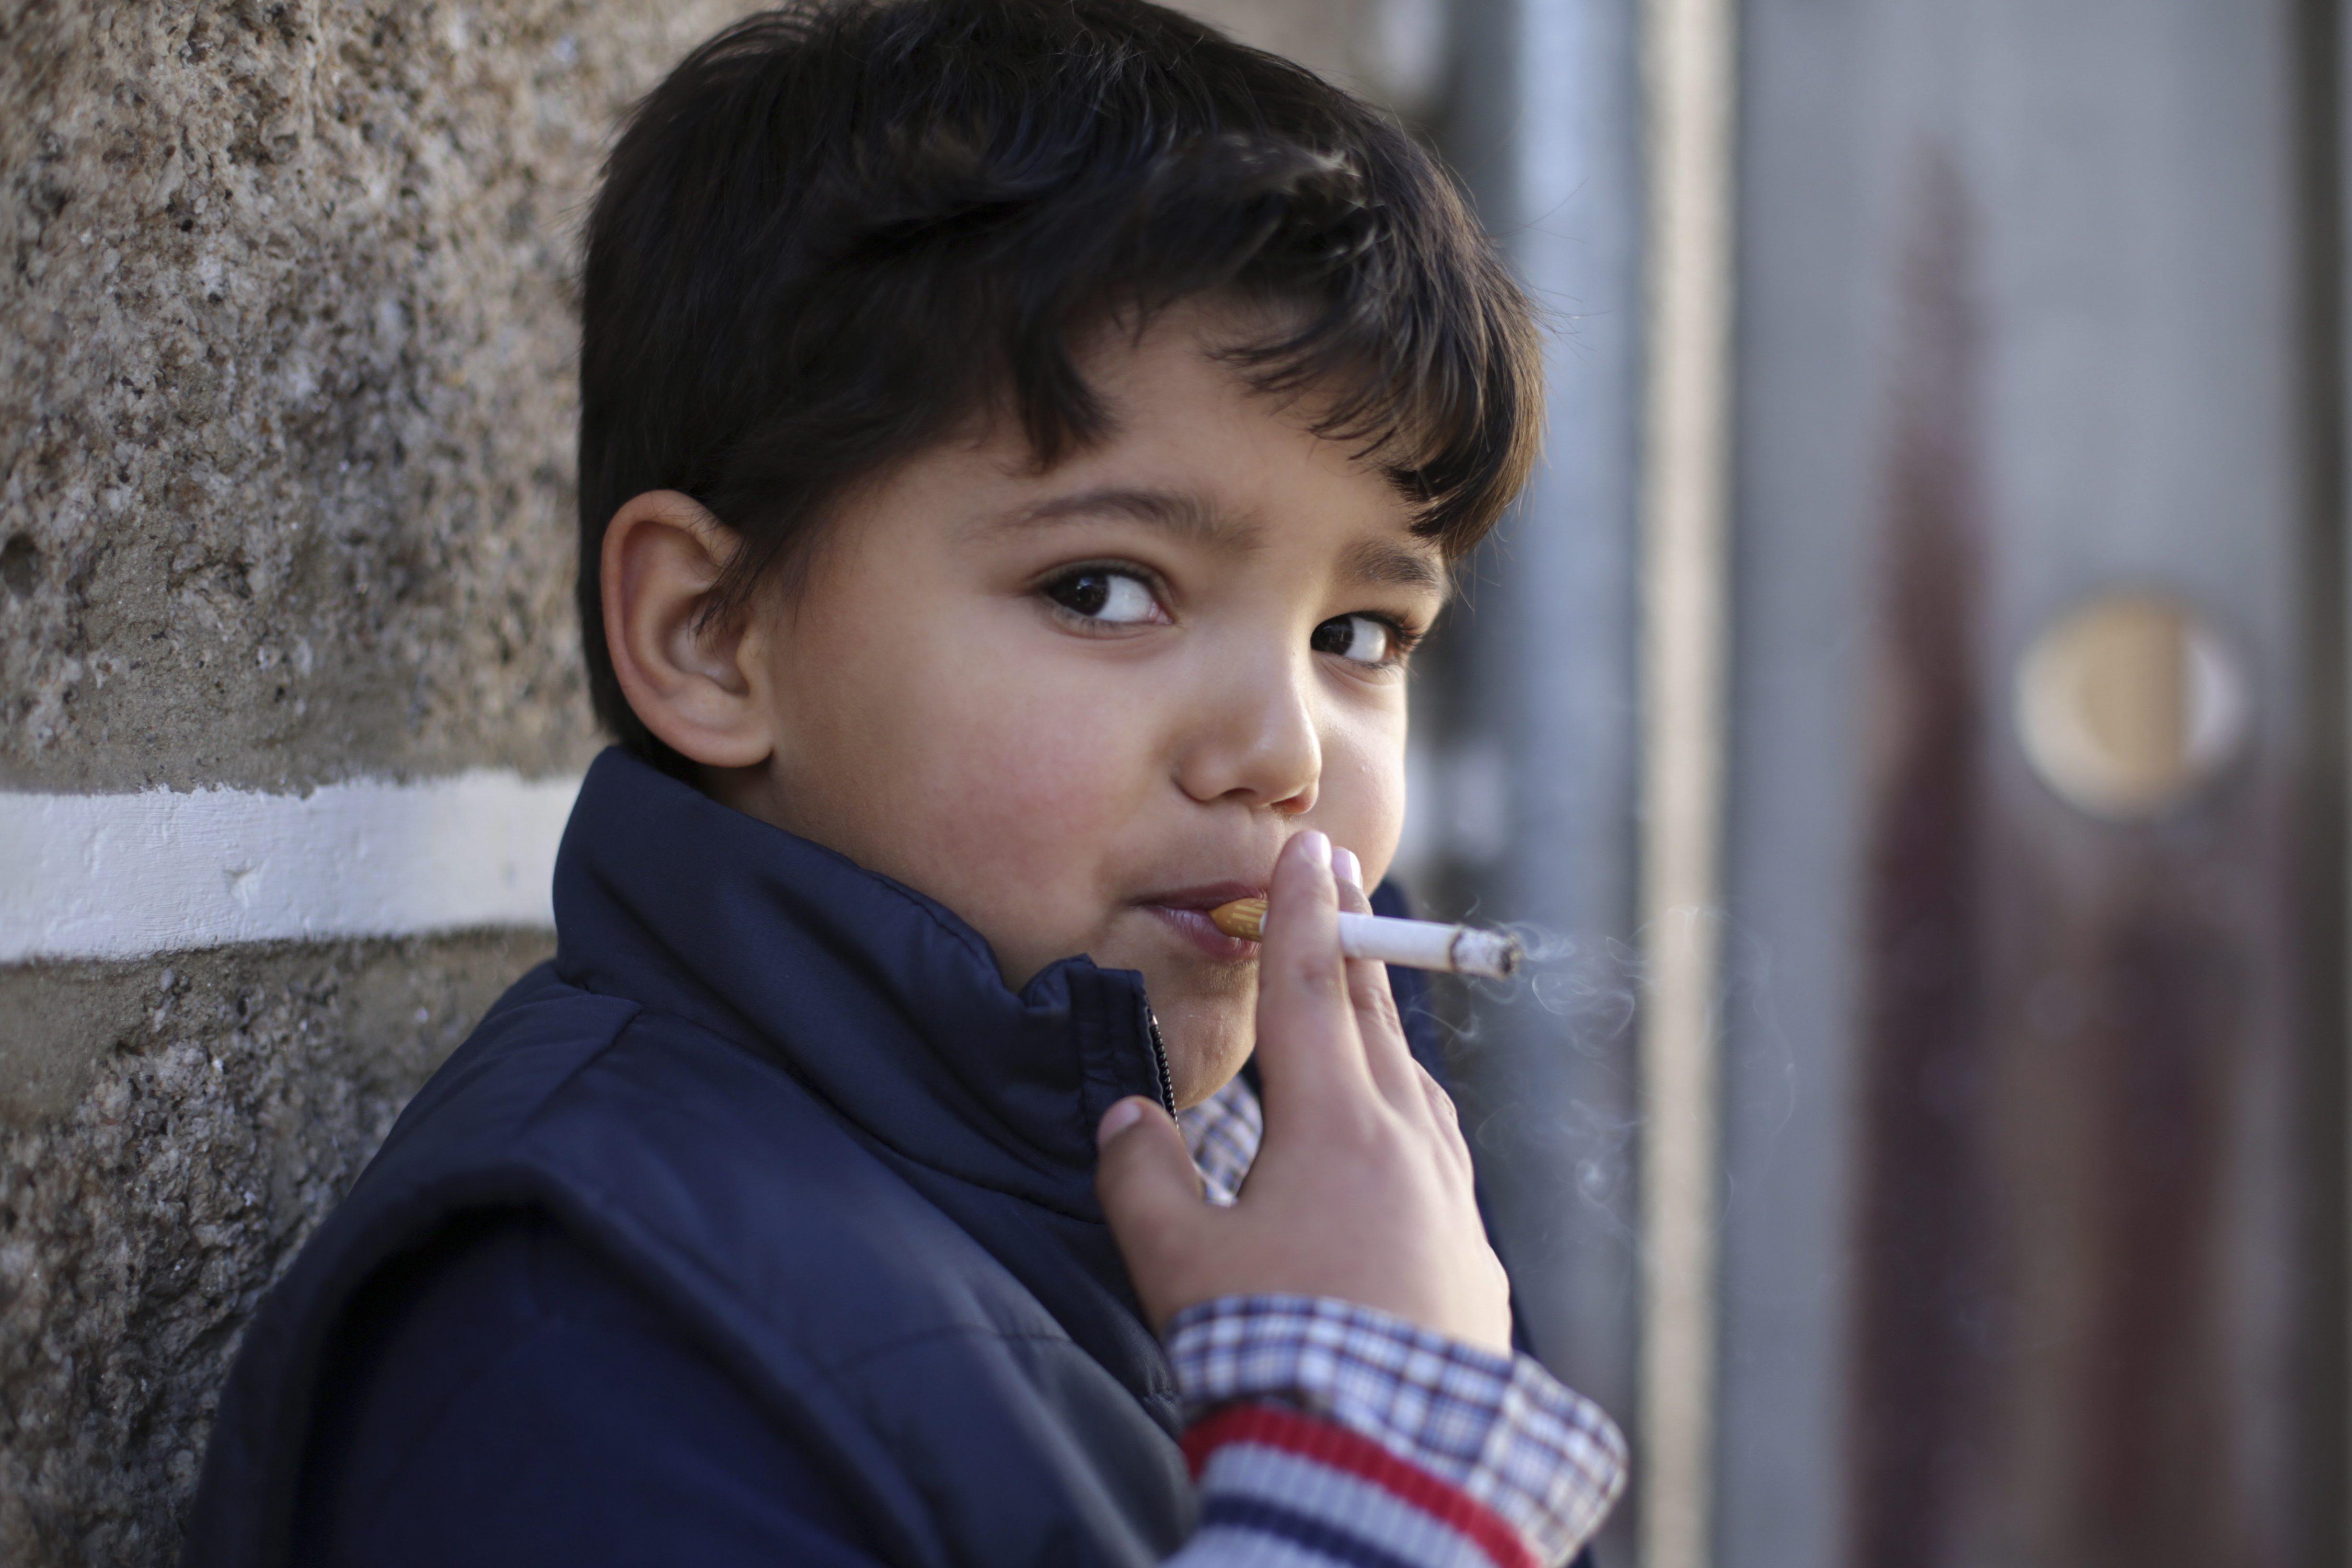 Kids smoking cigarettes already